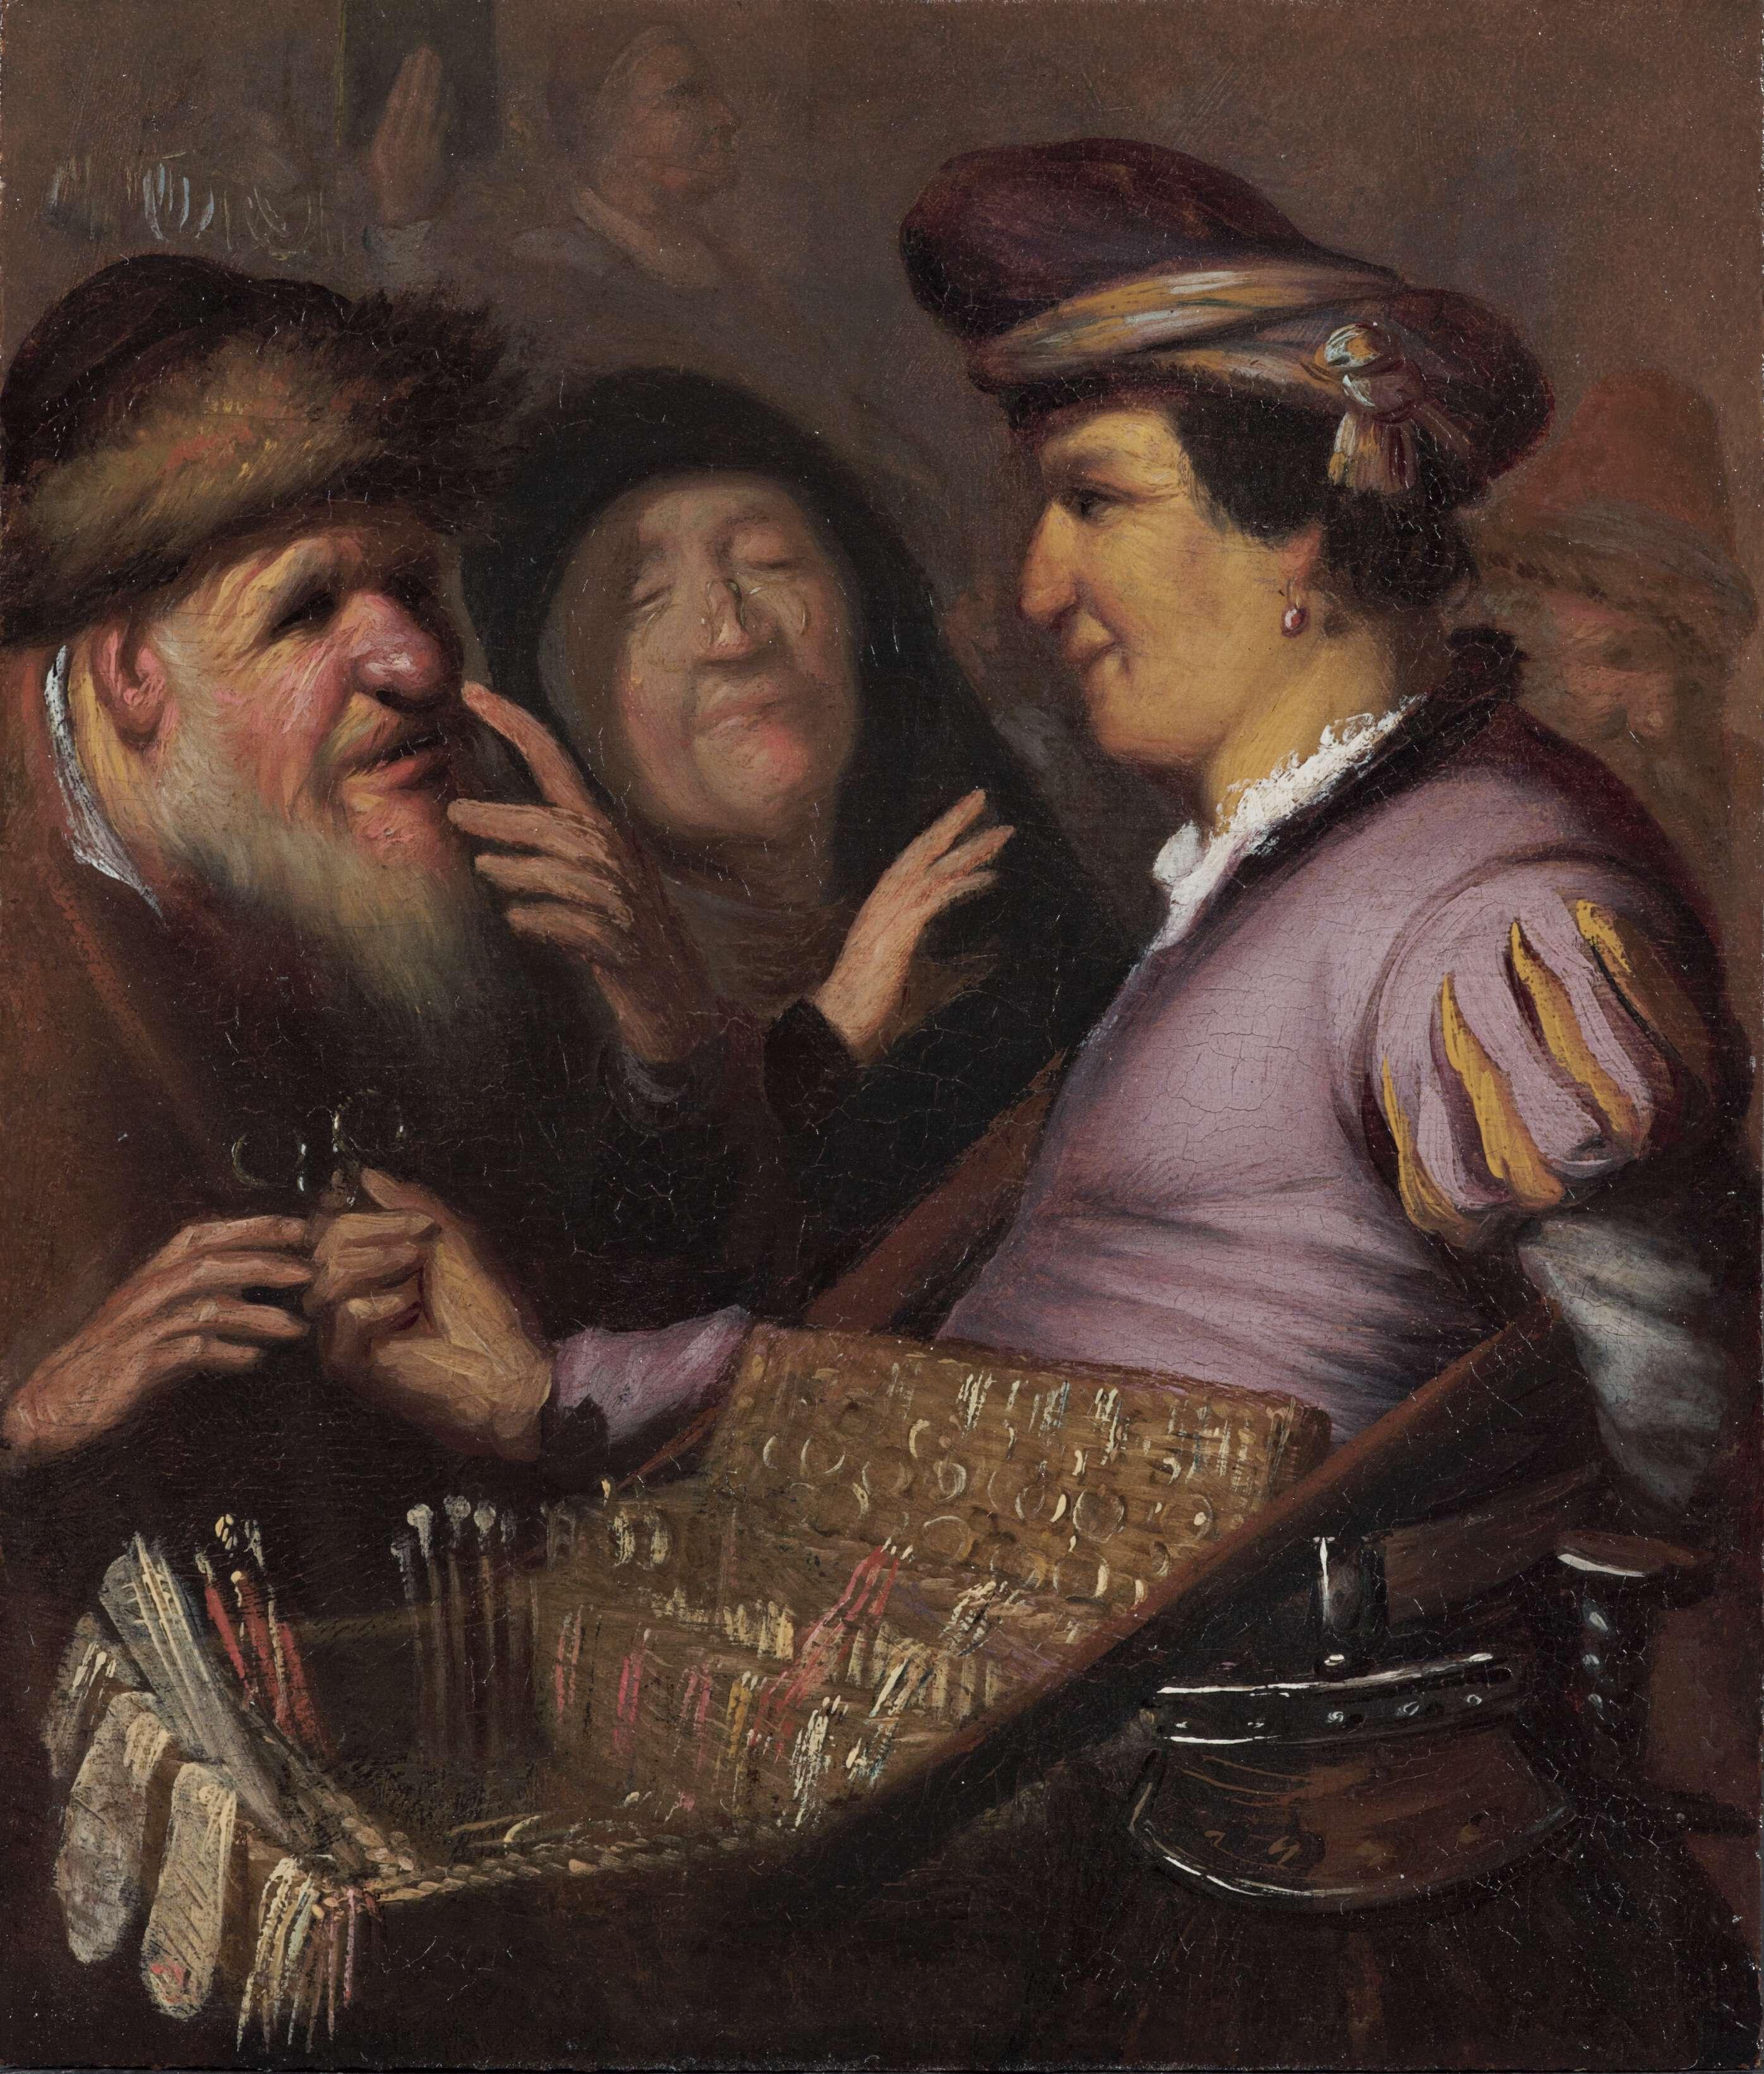 Ρέμπραντ Χάρμενσοον φαν Ράιν (15 Ιουλίου 1606 - 4 Οκτωβρίου 1669). Ο πλανόδιος οπτικός (Όραση).